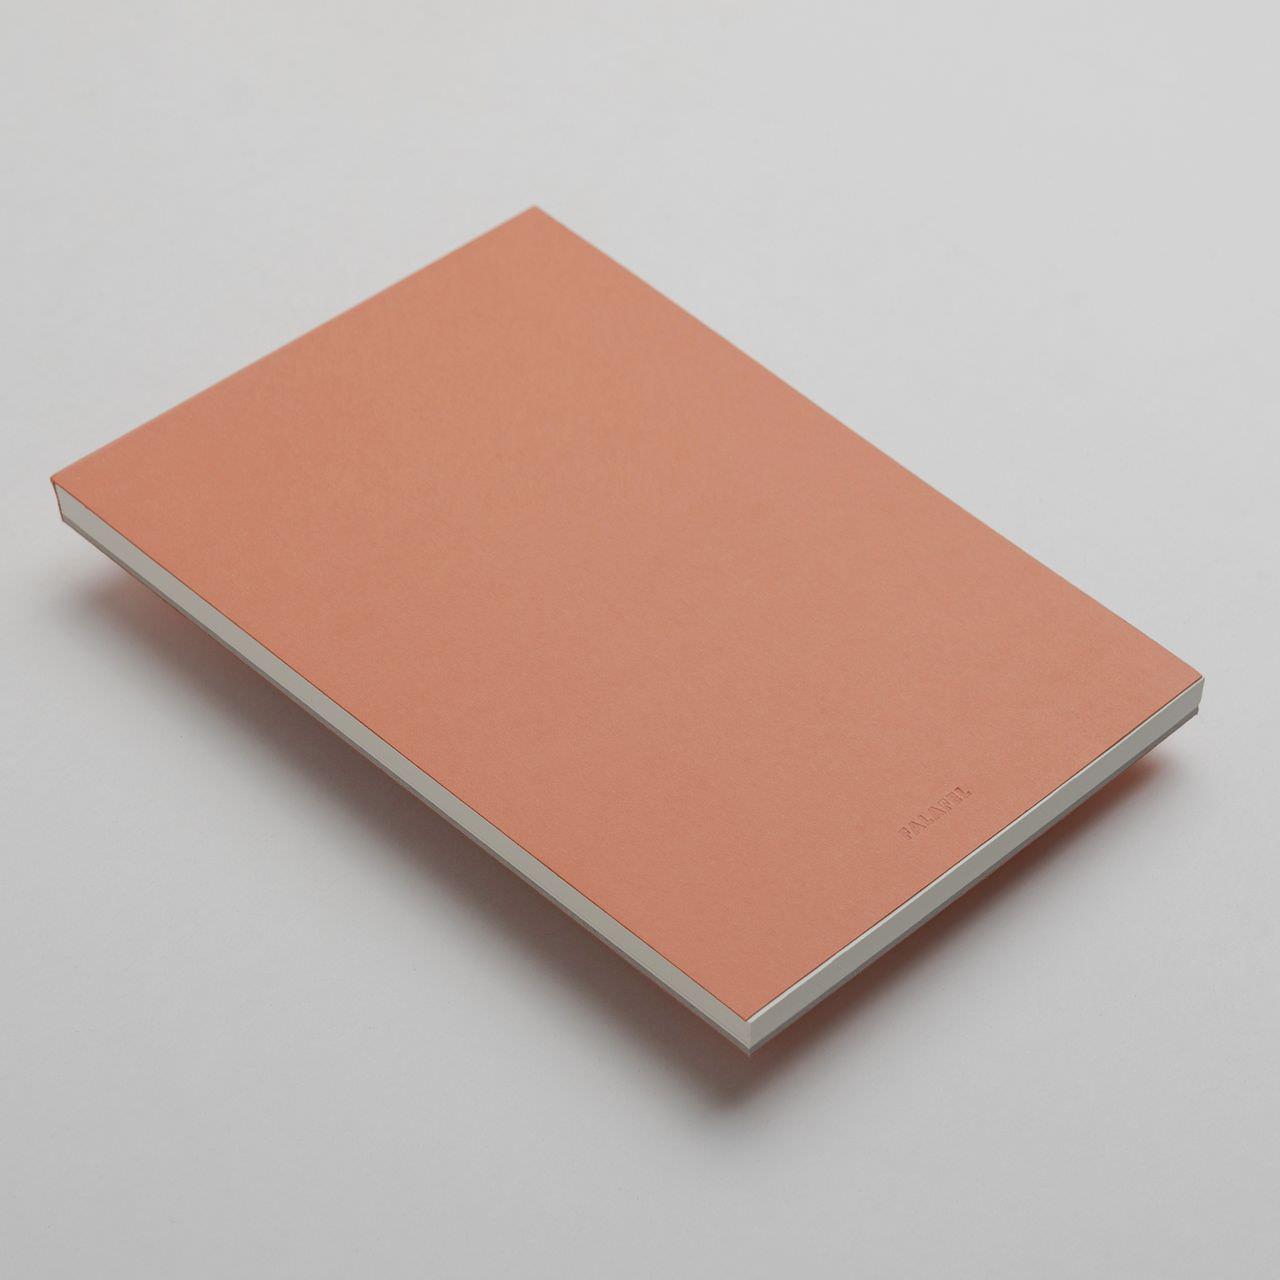 Купить Блокнот FALAFEL BOOKS Sketchpad А5 Terracotta, Россия